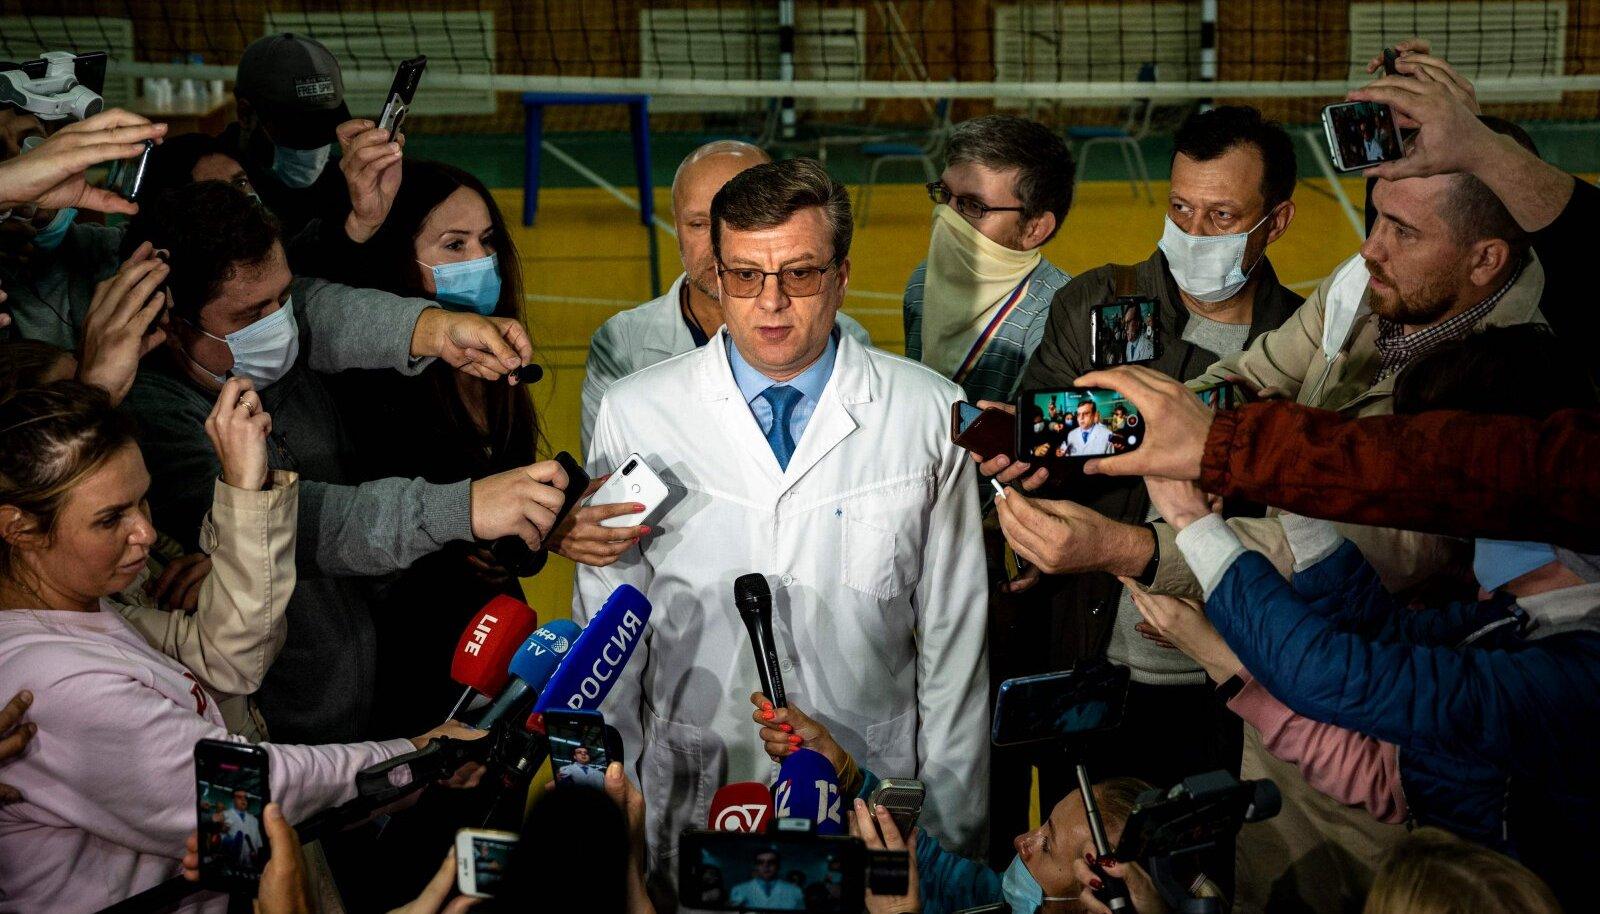 Aleksandr Murahhovski